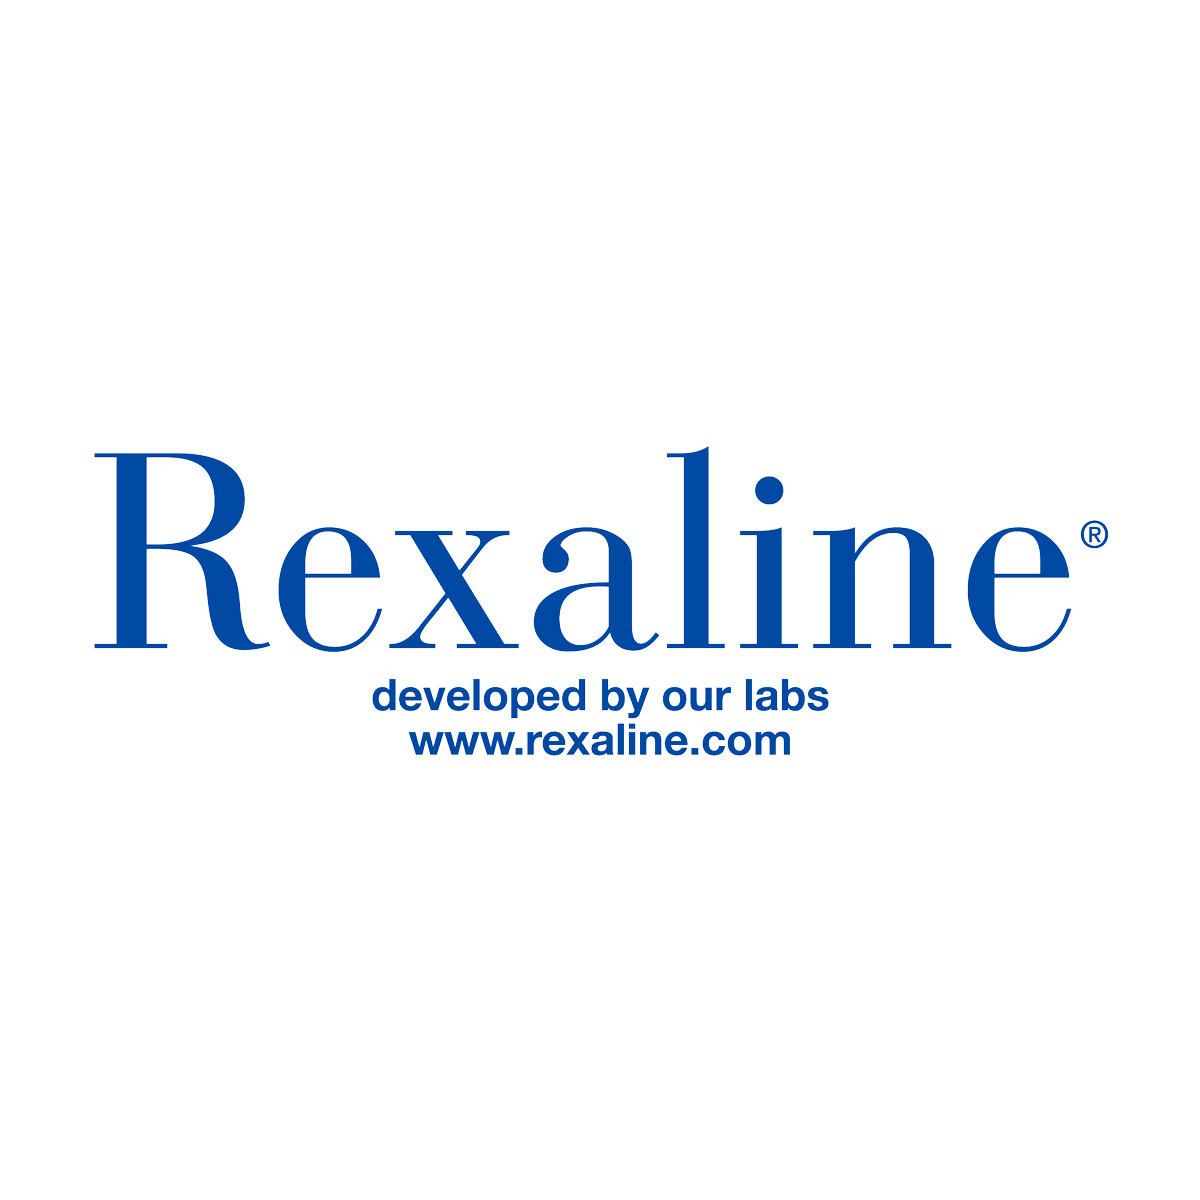 Rexaline